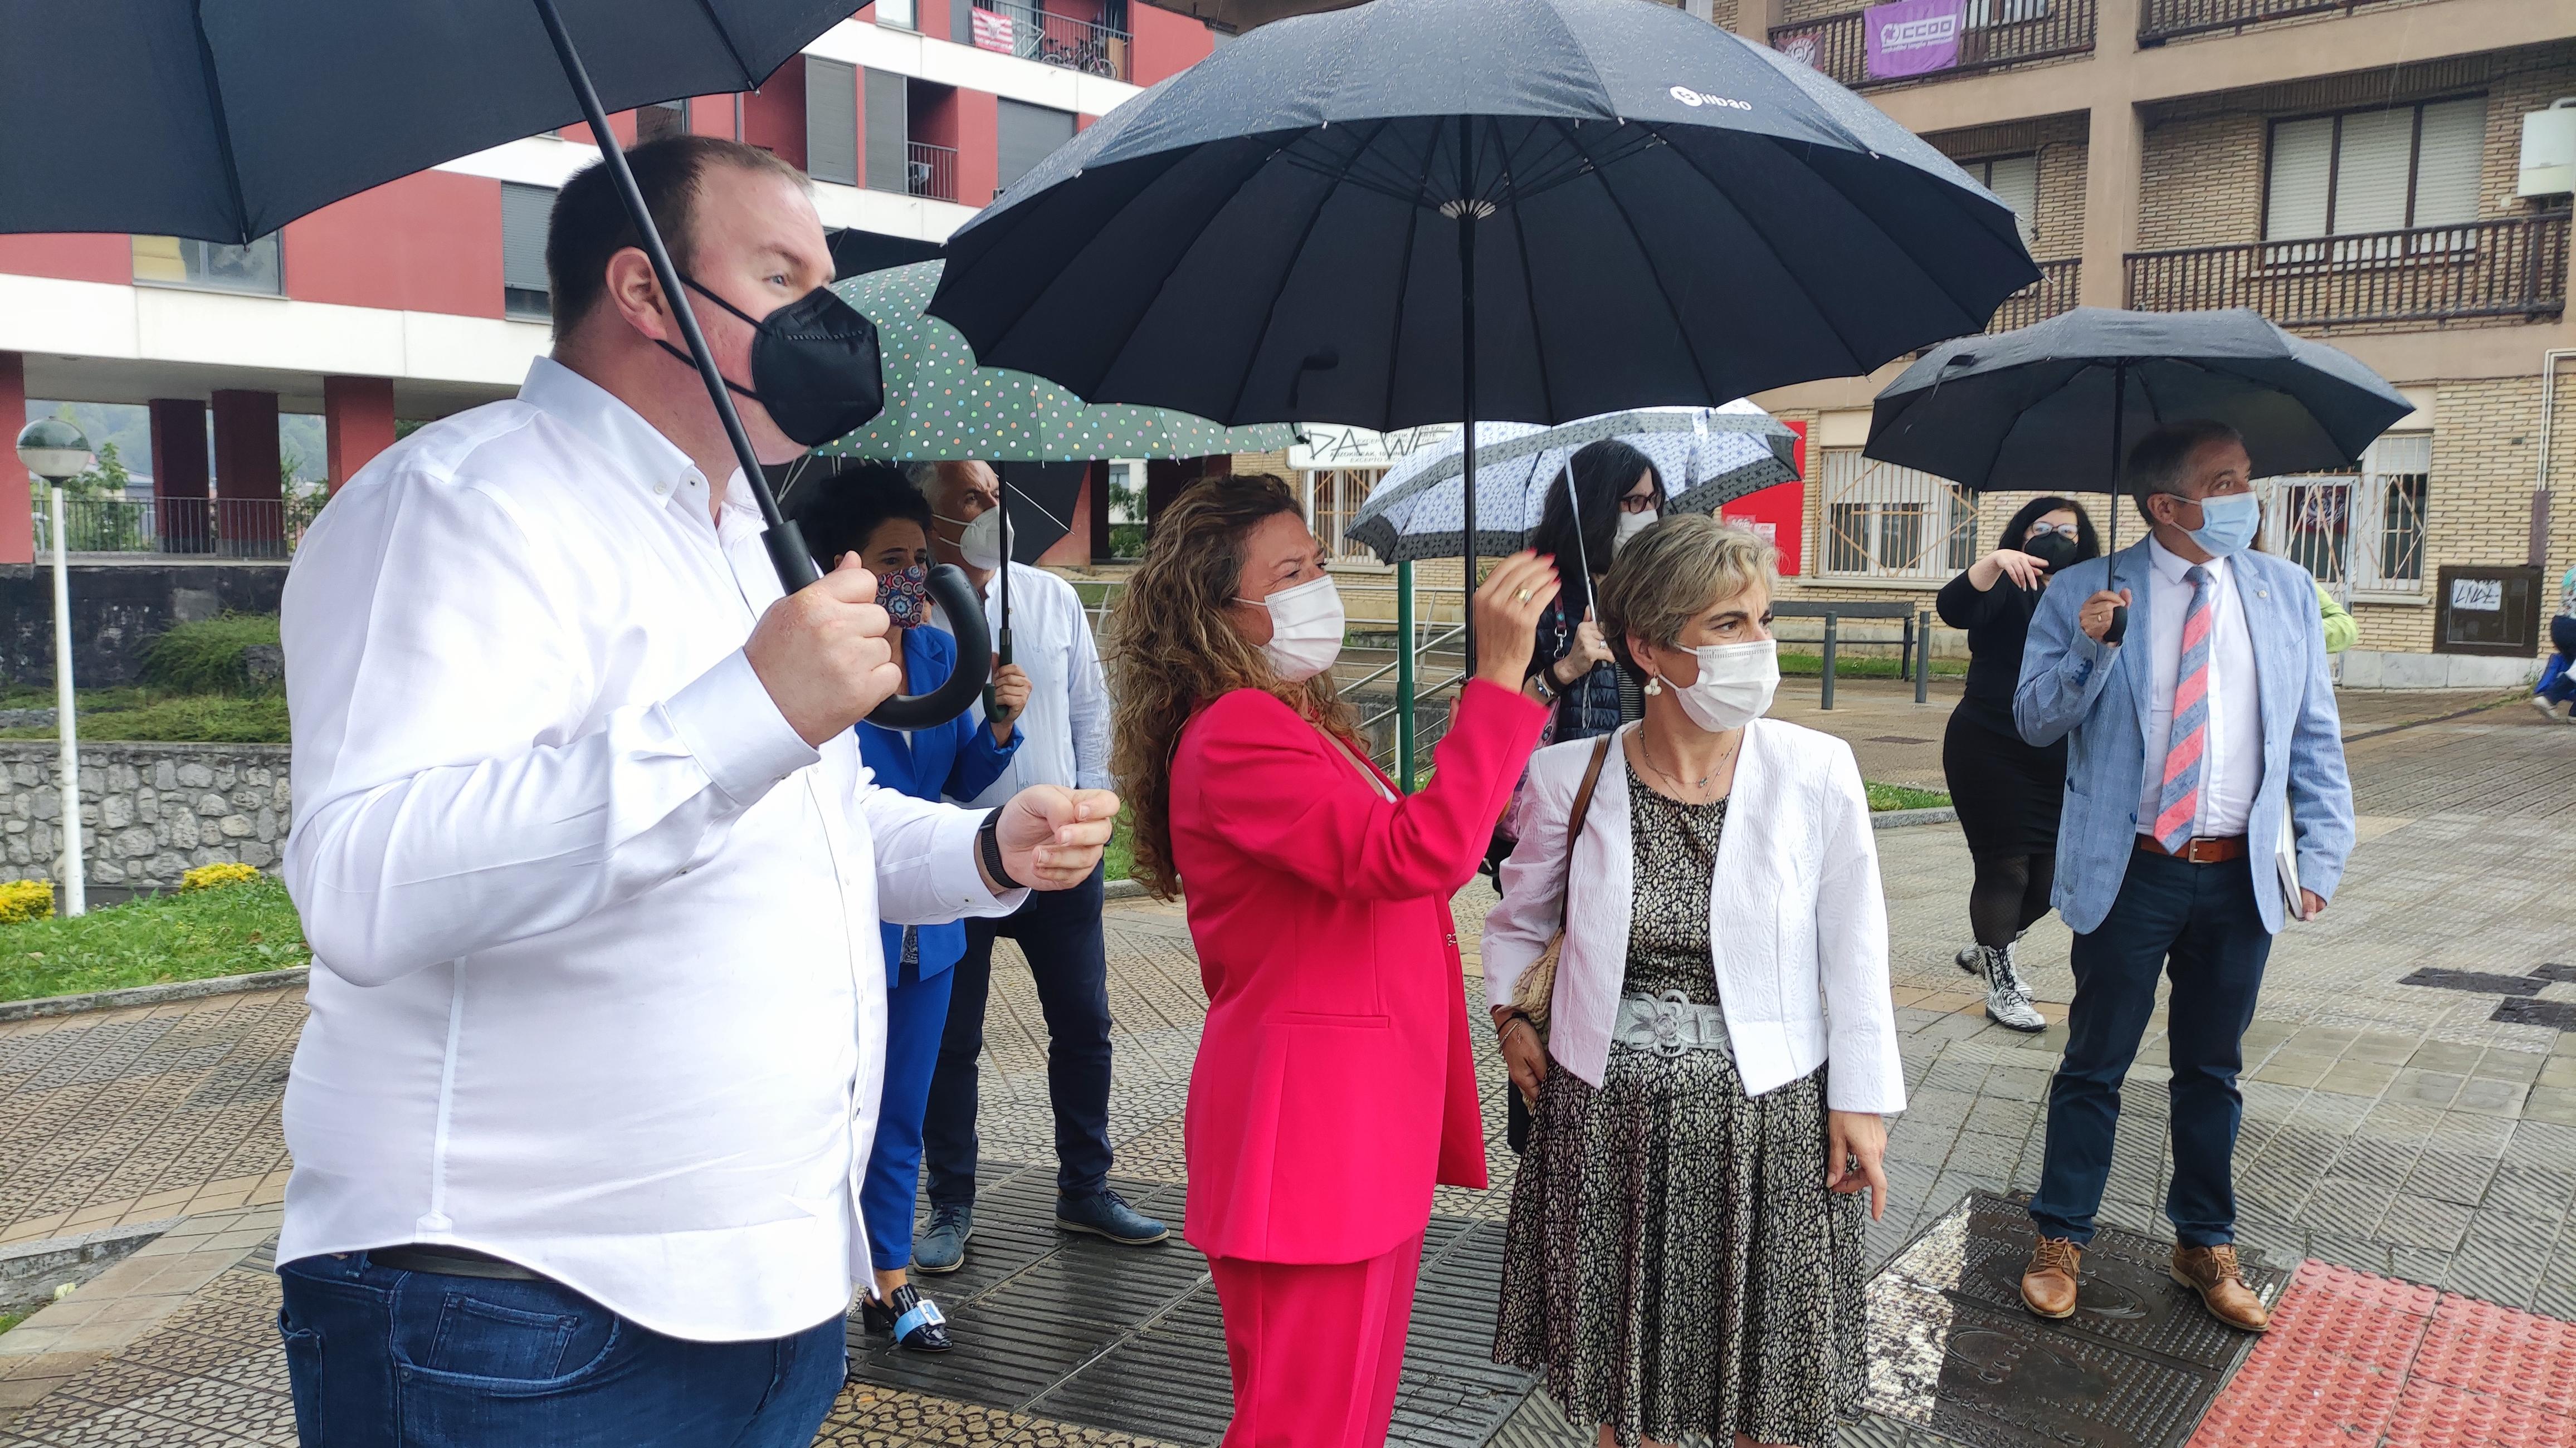 La Consejera de Salud visita el lugar donde se levantará el nuevo centro de salud de Llodio [16:34]